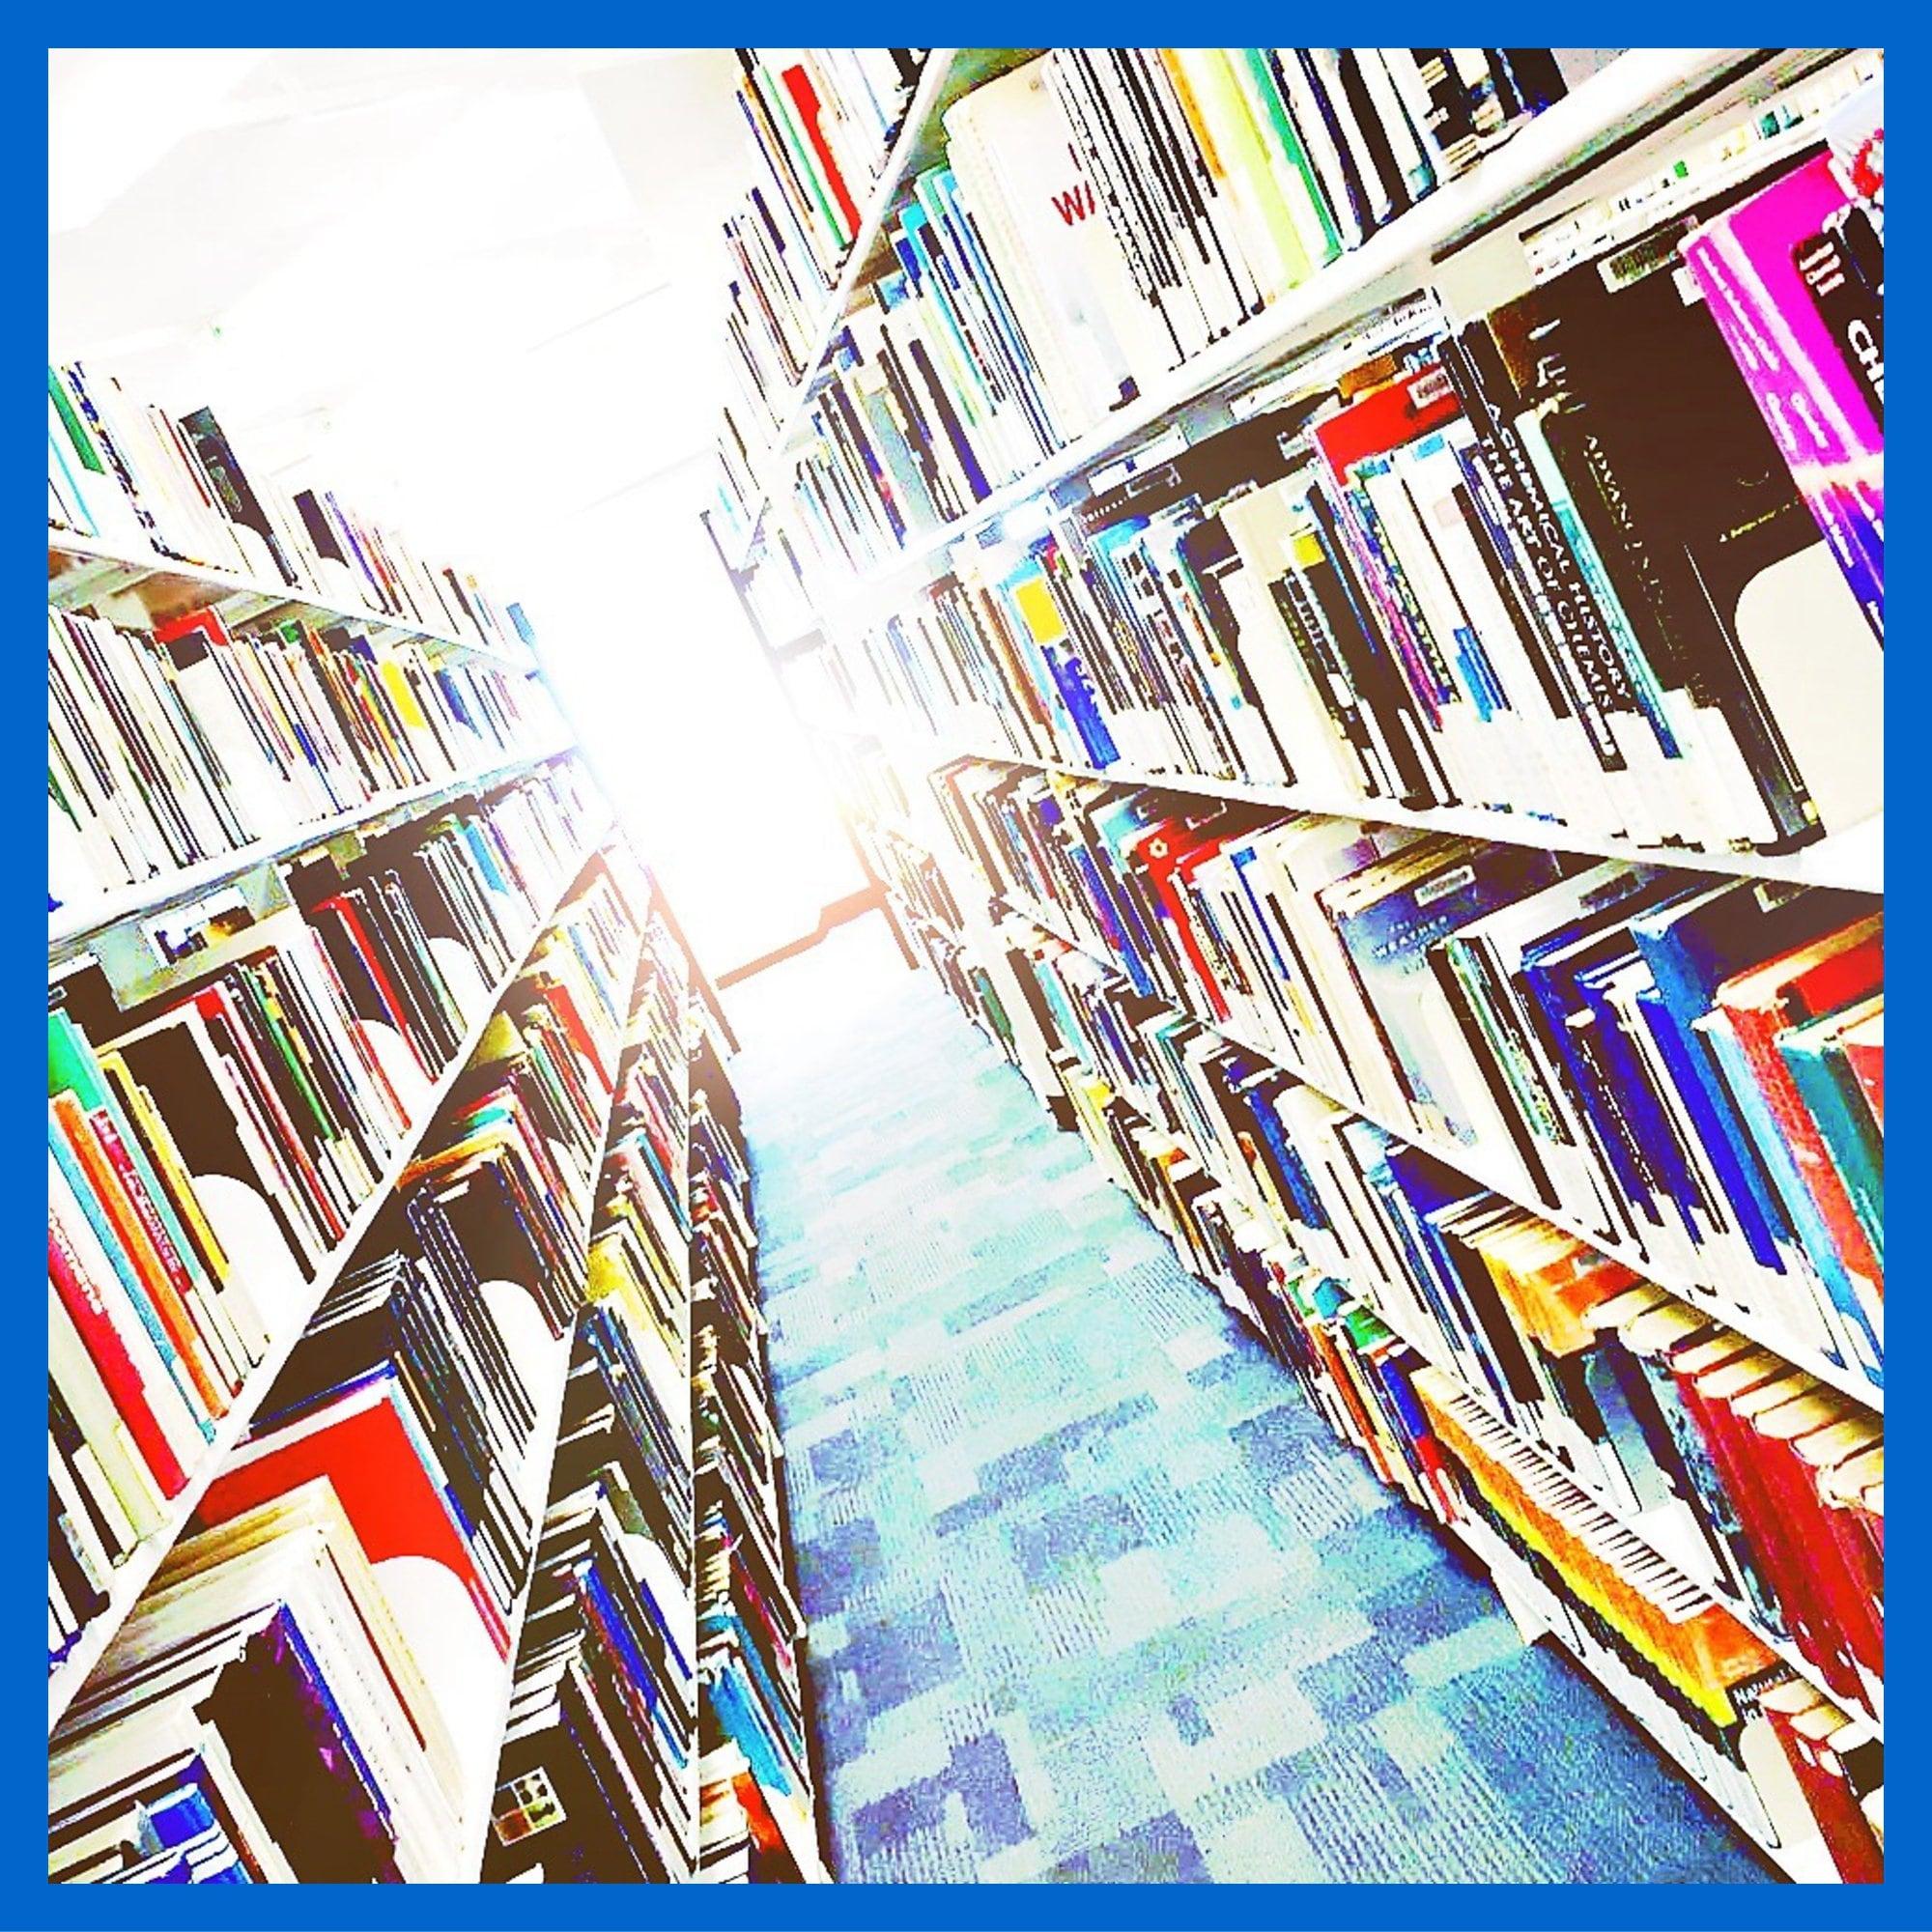 ■書店界のハリケーンになれるか!?【勝利の書店流通コース】のイメージその1